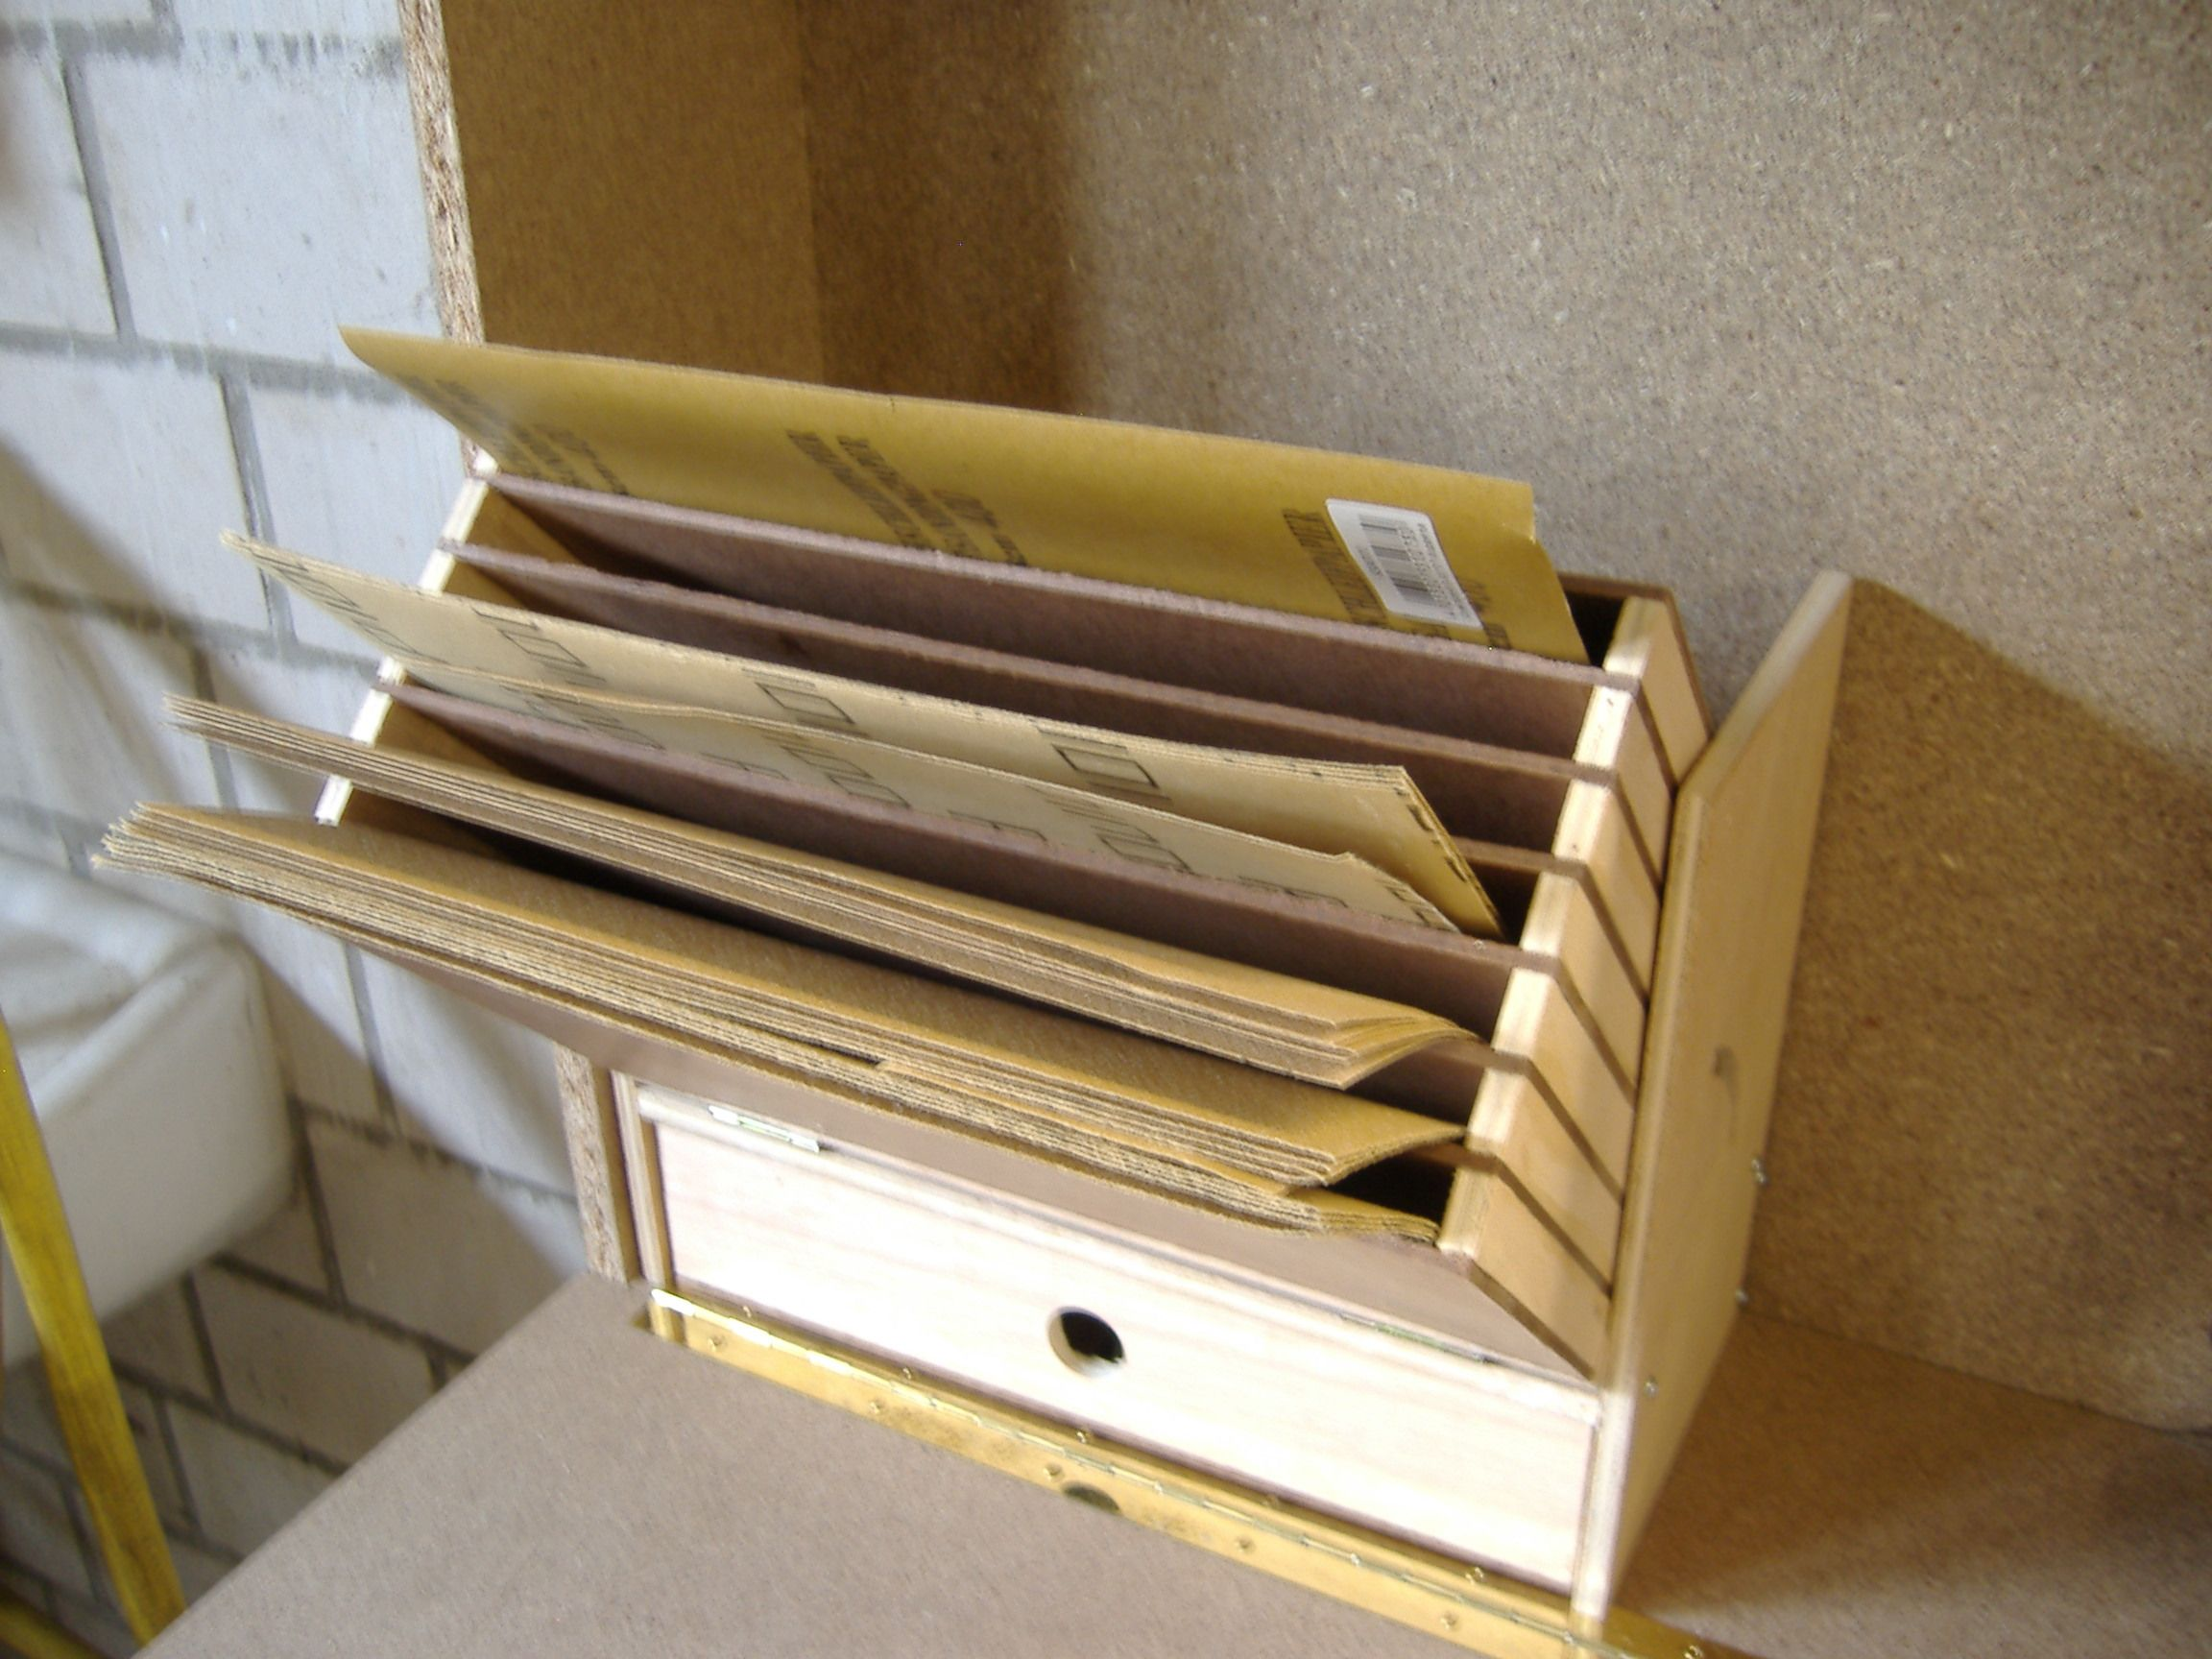 Schleifpapier spender bauanleitung zum selber bauen chief s projekte pinterest french cleat - Werkzeugwand selber bauen ...